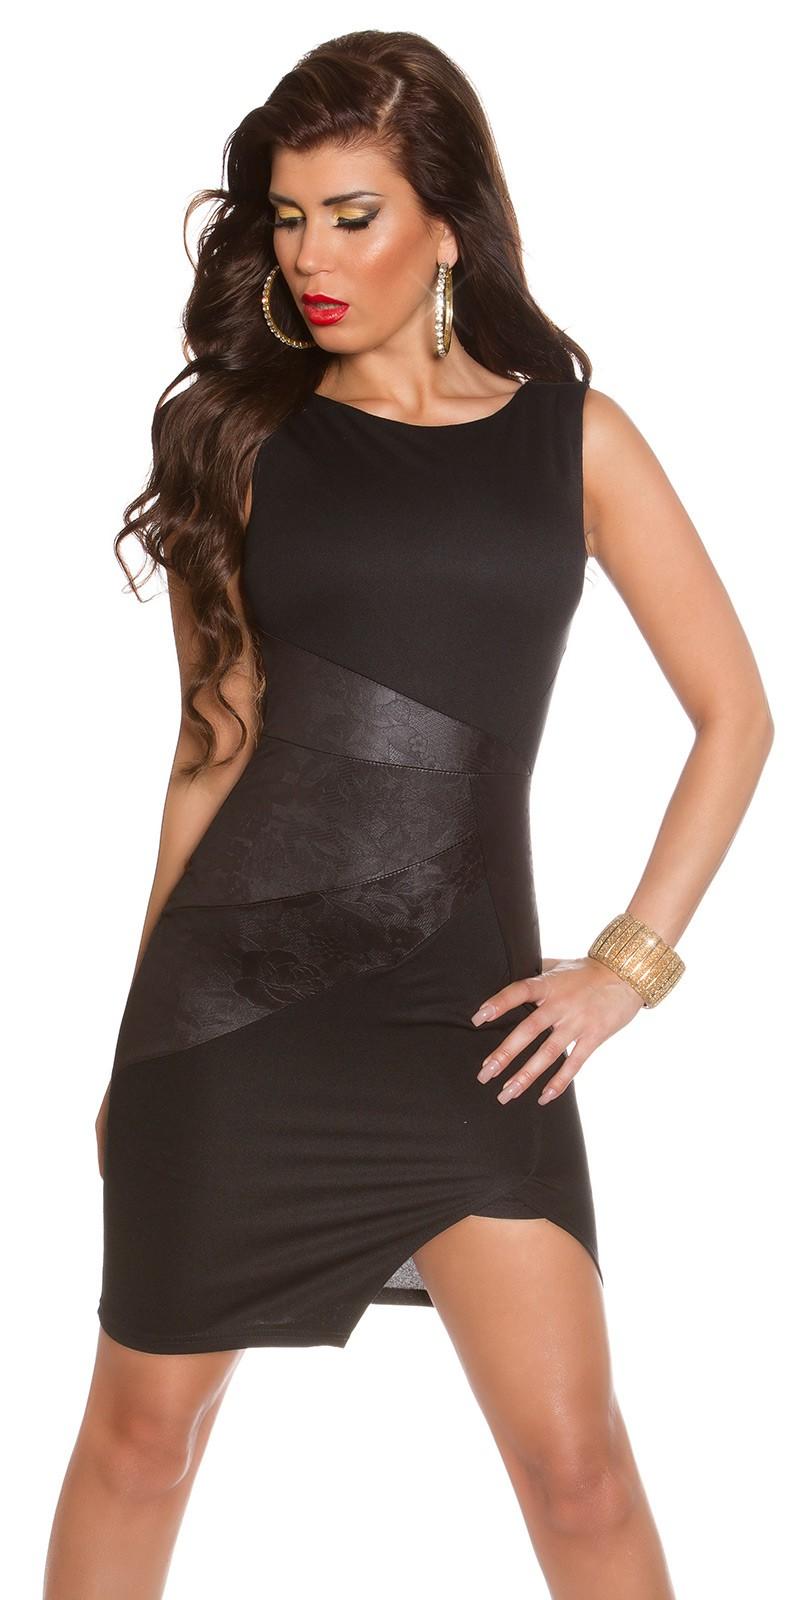 Csinos női ruha bőrhatású betéttel - Fekete (38-42) empty 9d5d95fd3f